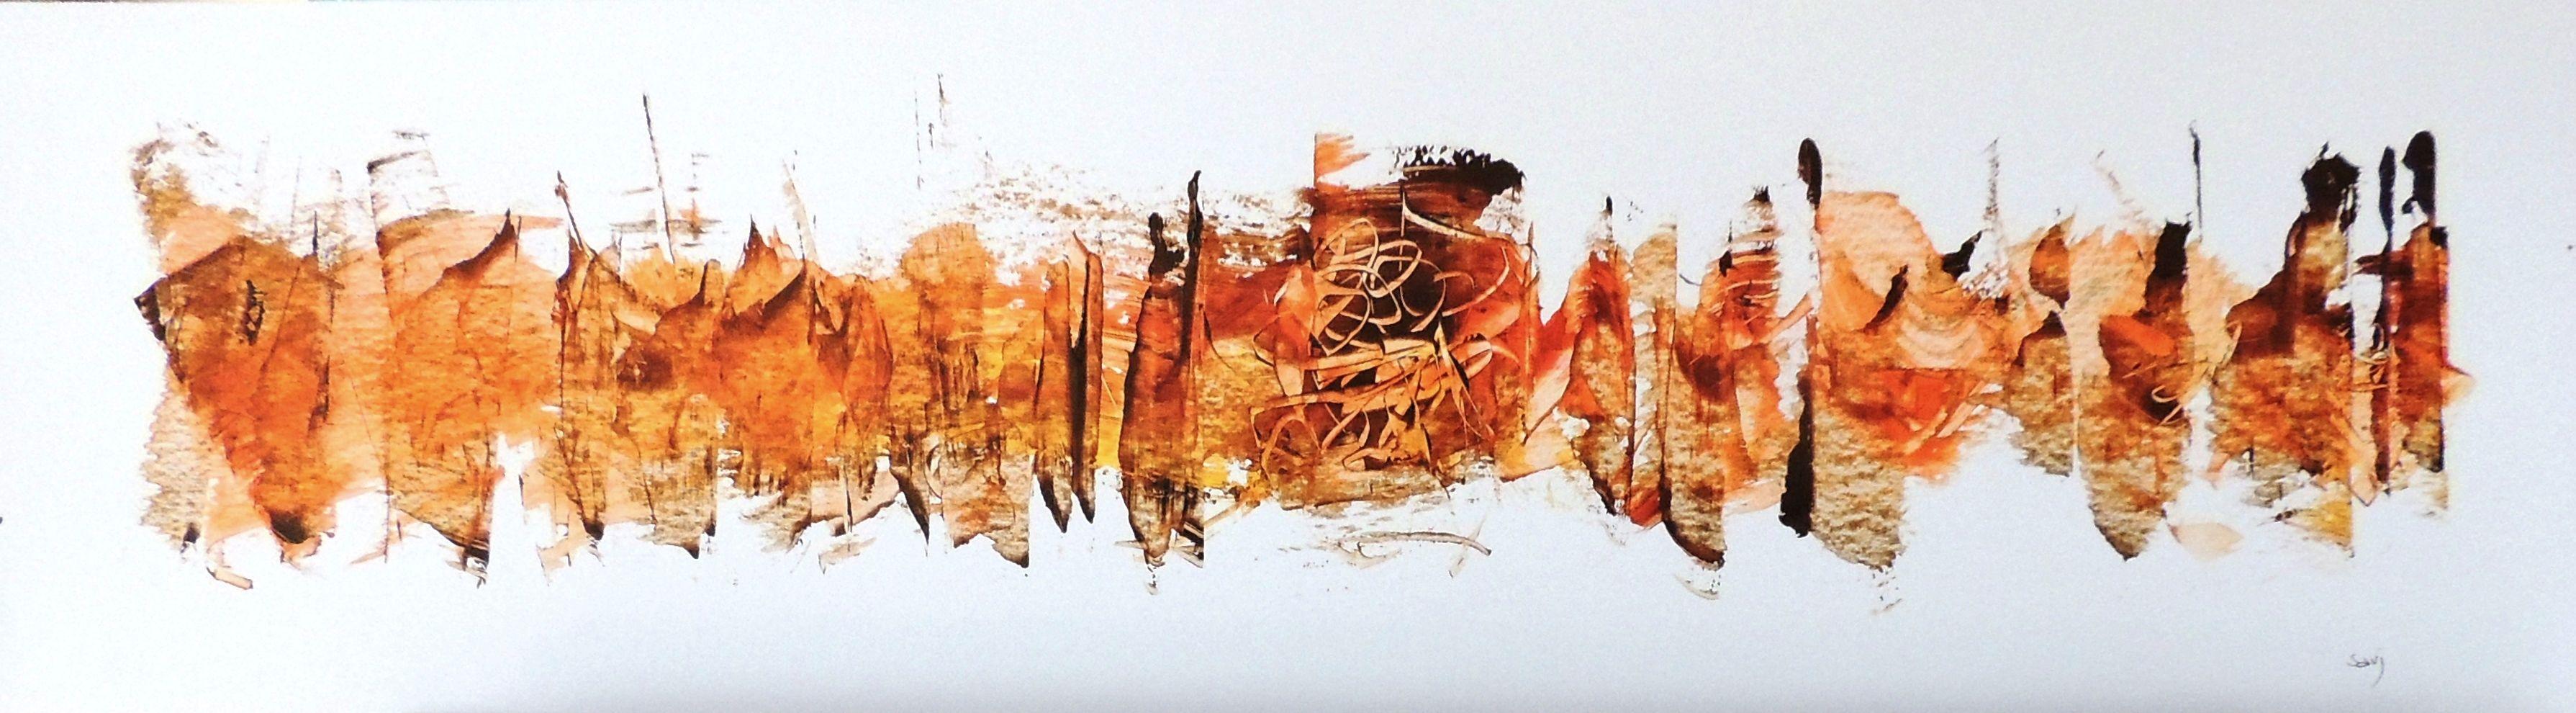 jean claude savi peinture acrylique sur papier 2